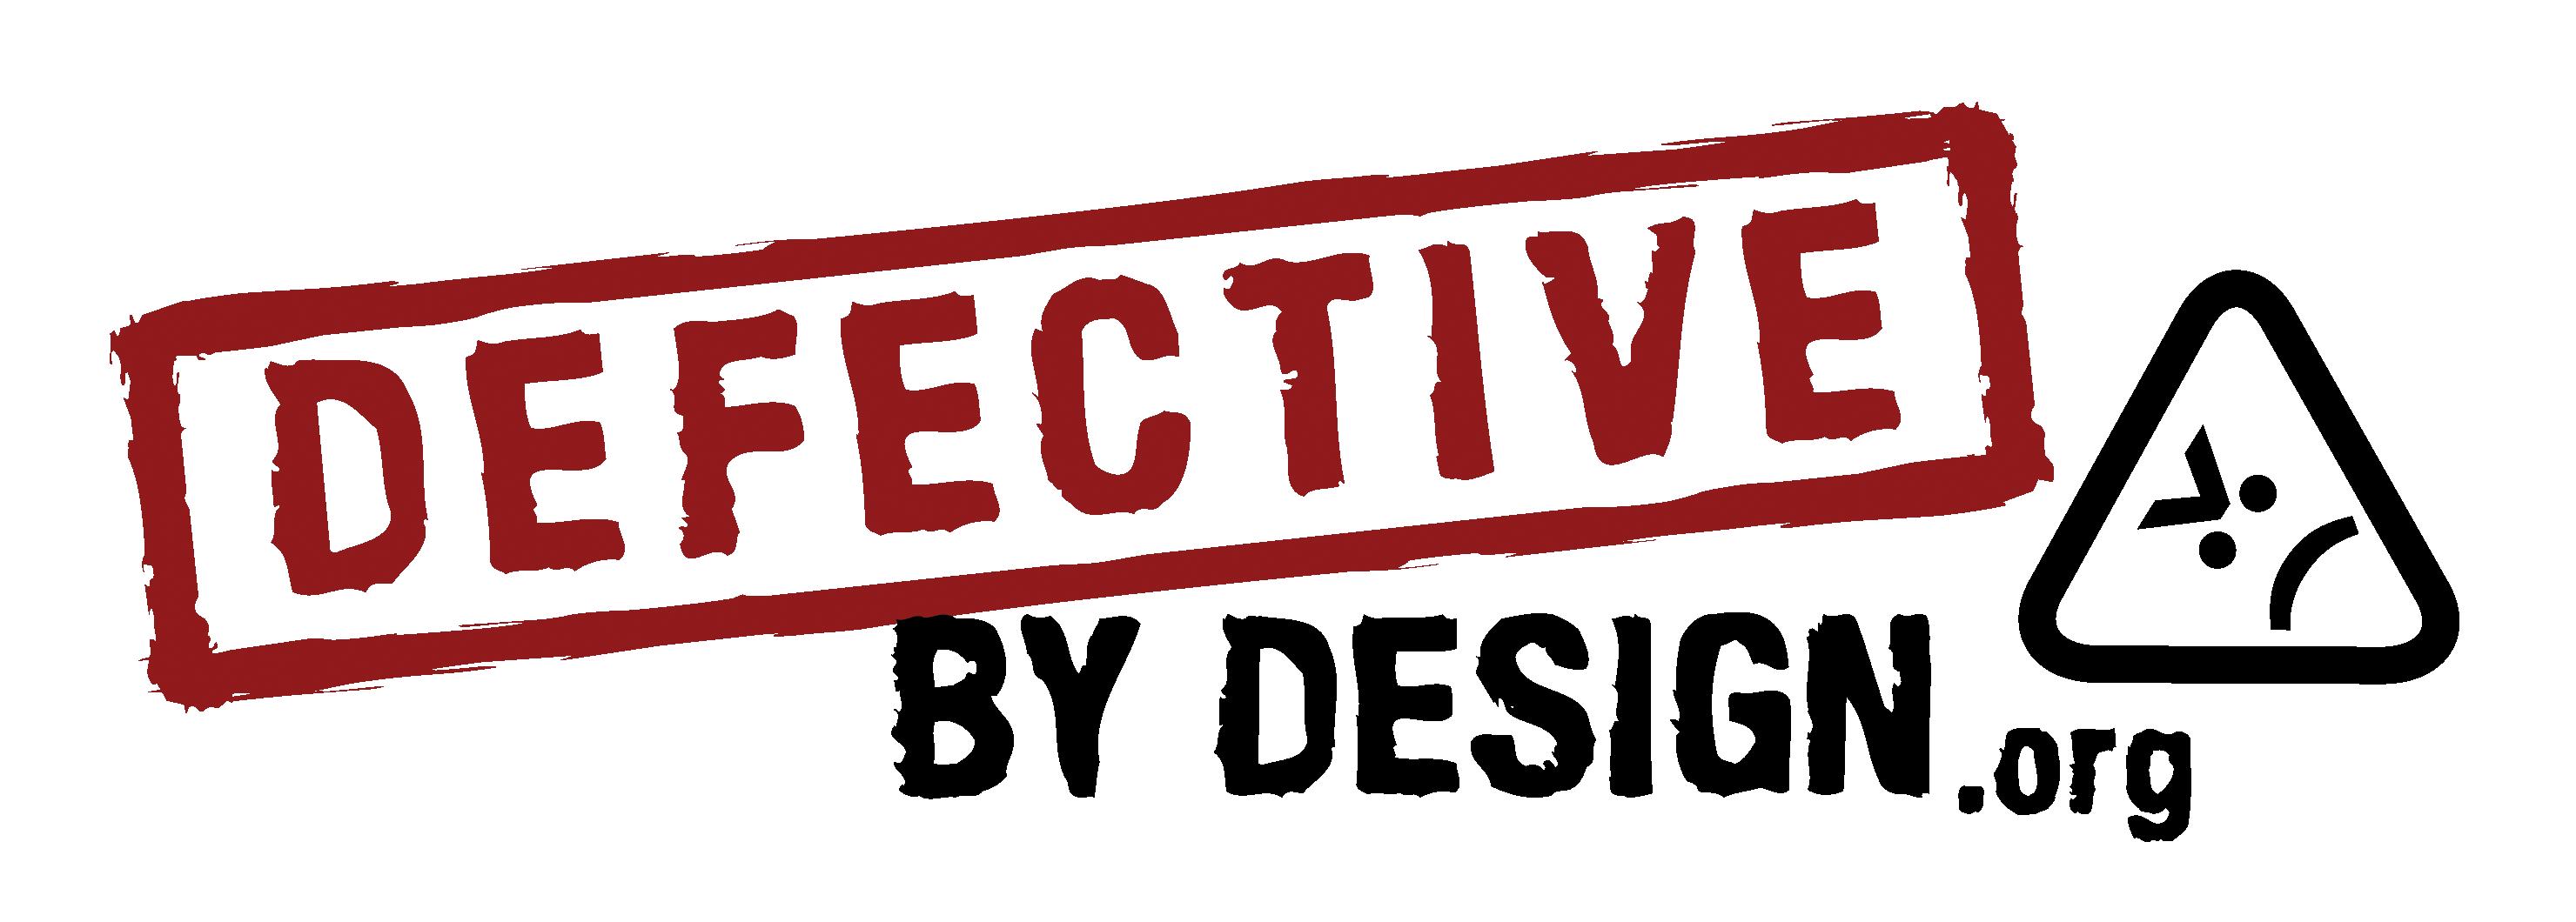 dbd_color_logo_trim.png